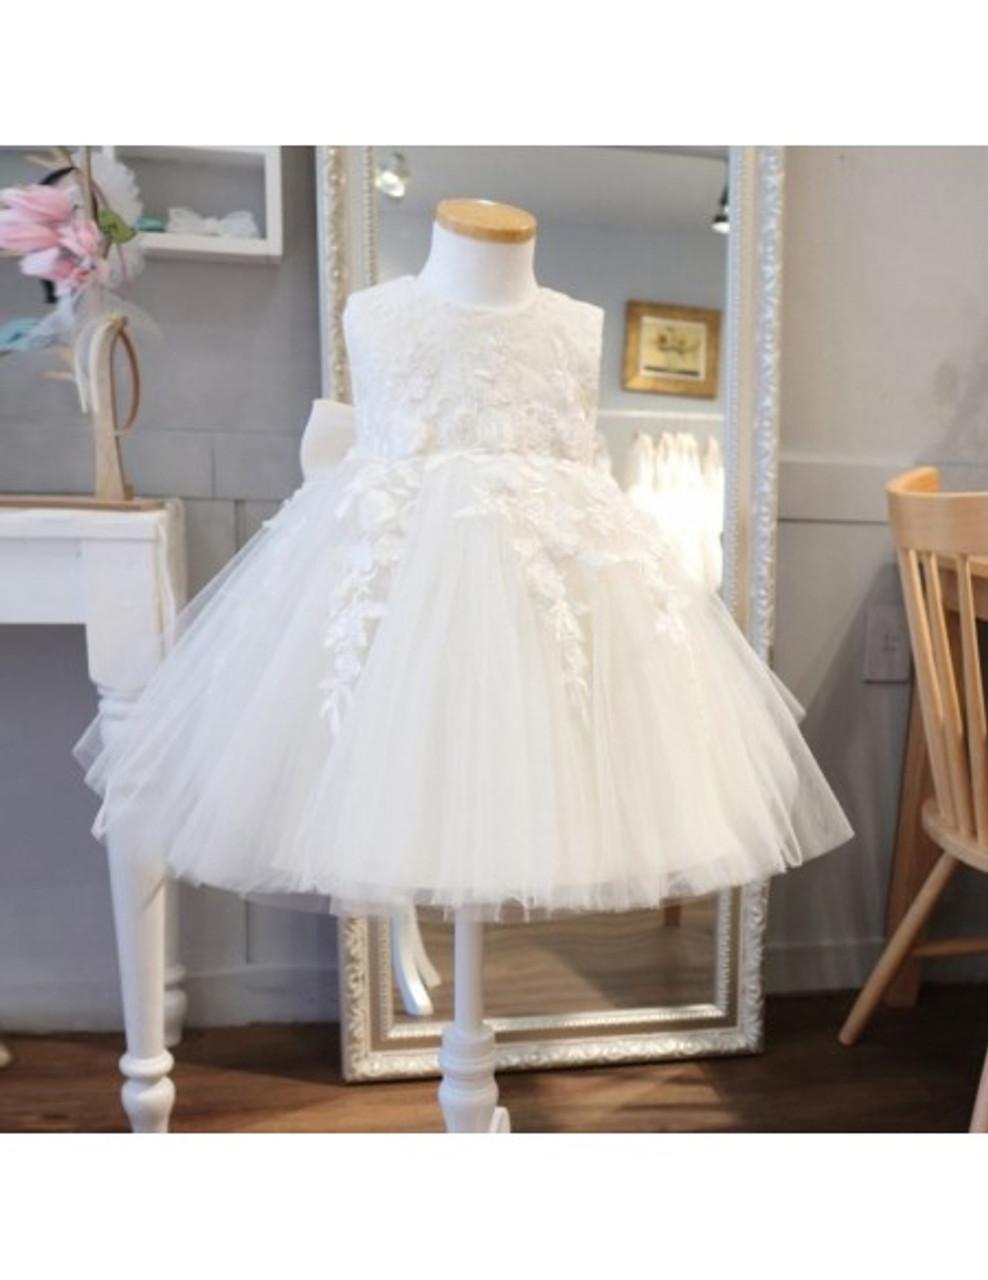 Cuteprincess Special Occasion Dress